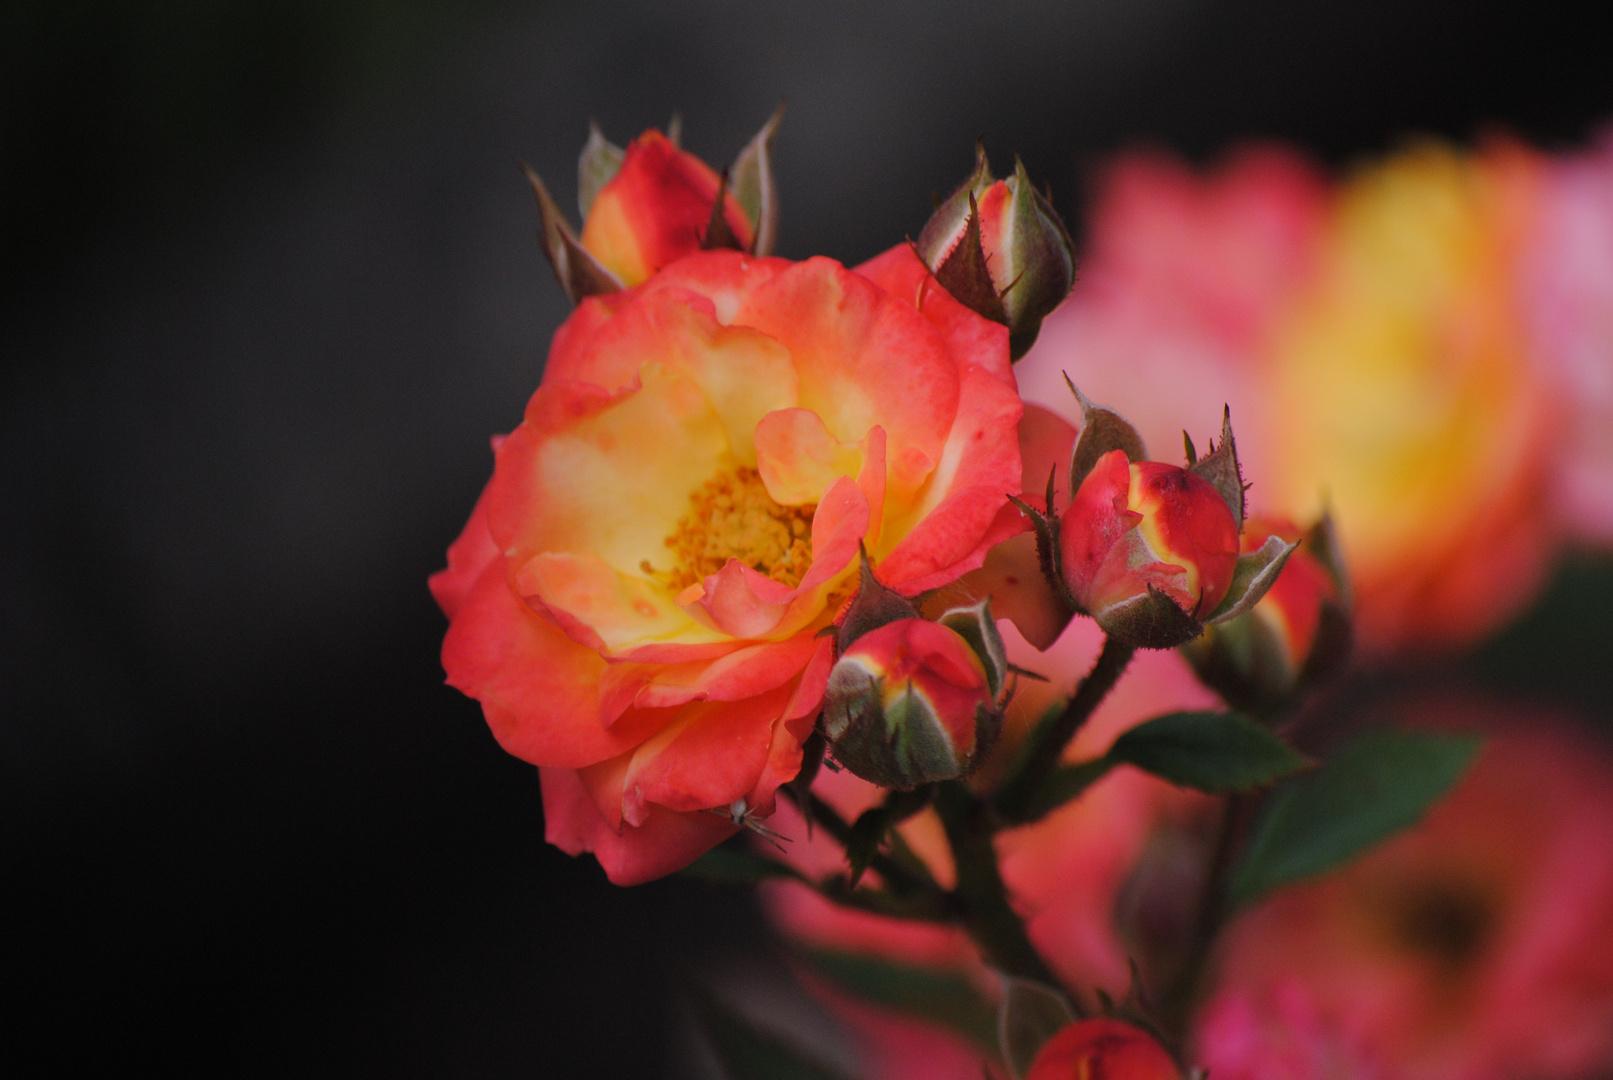 Rose im Feuer